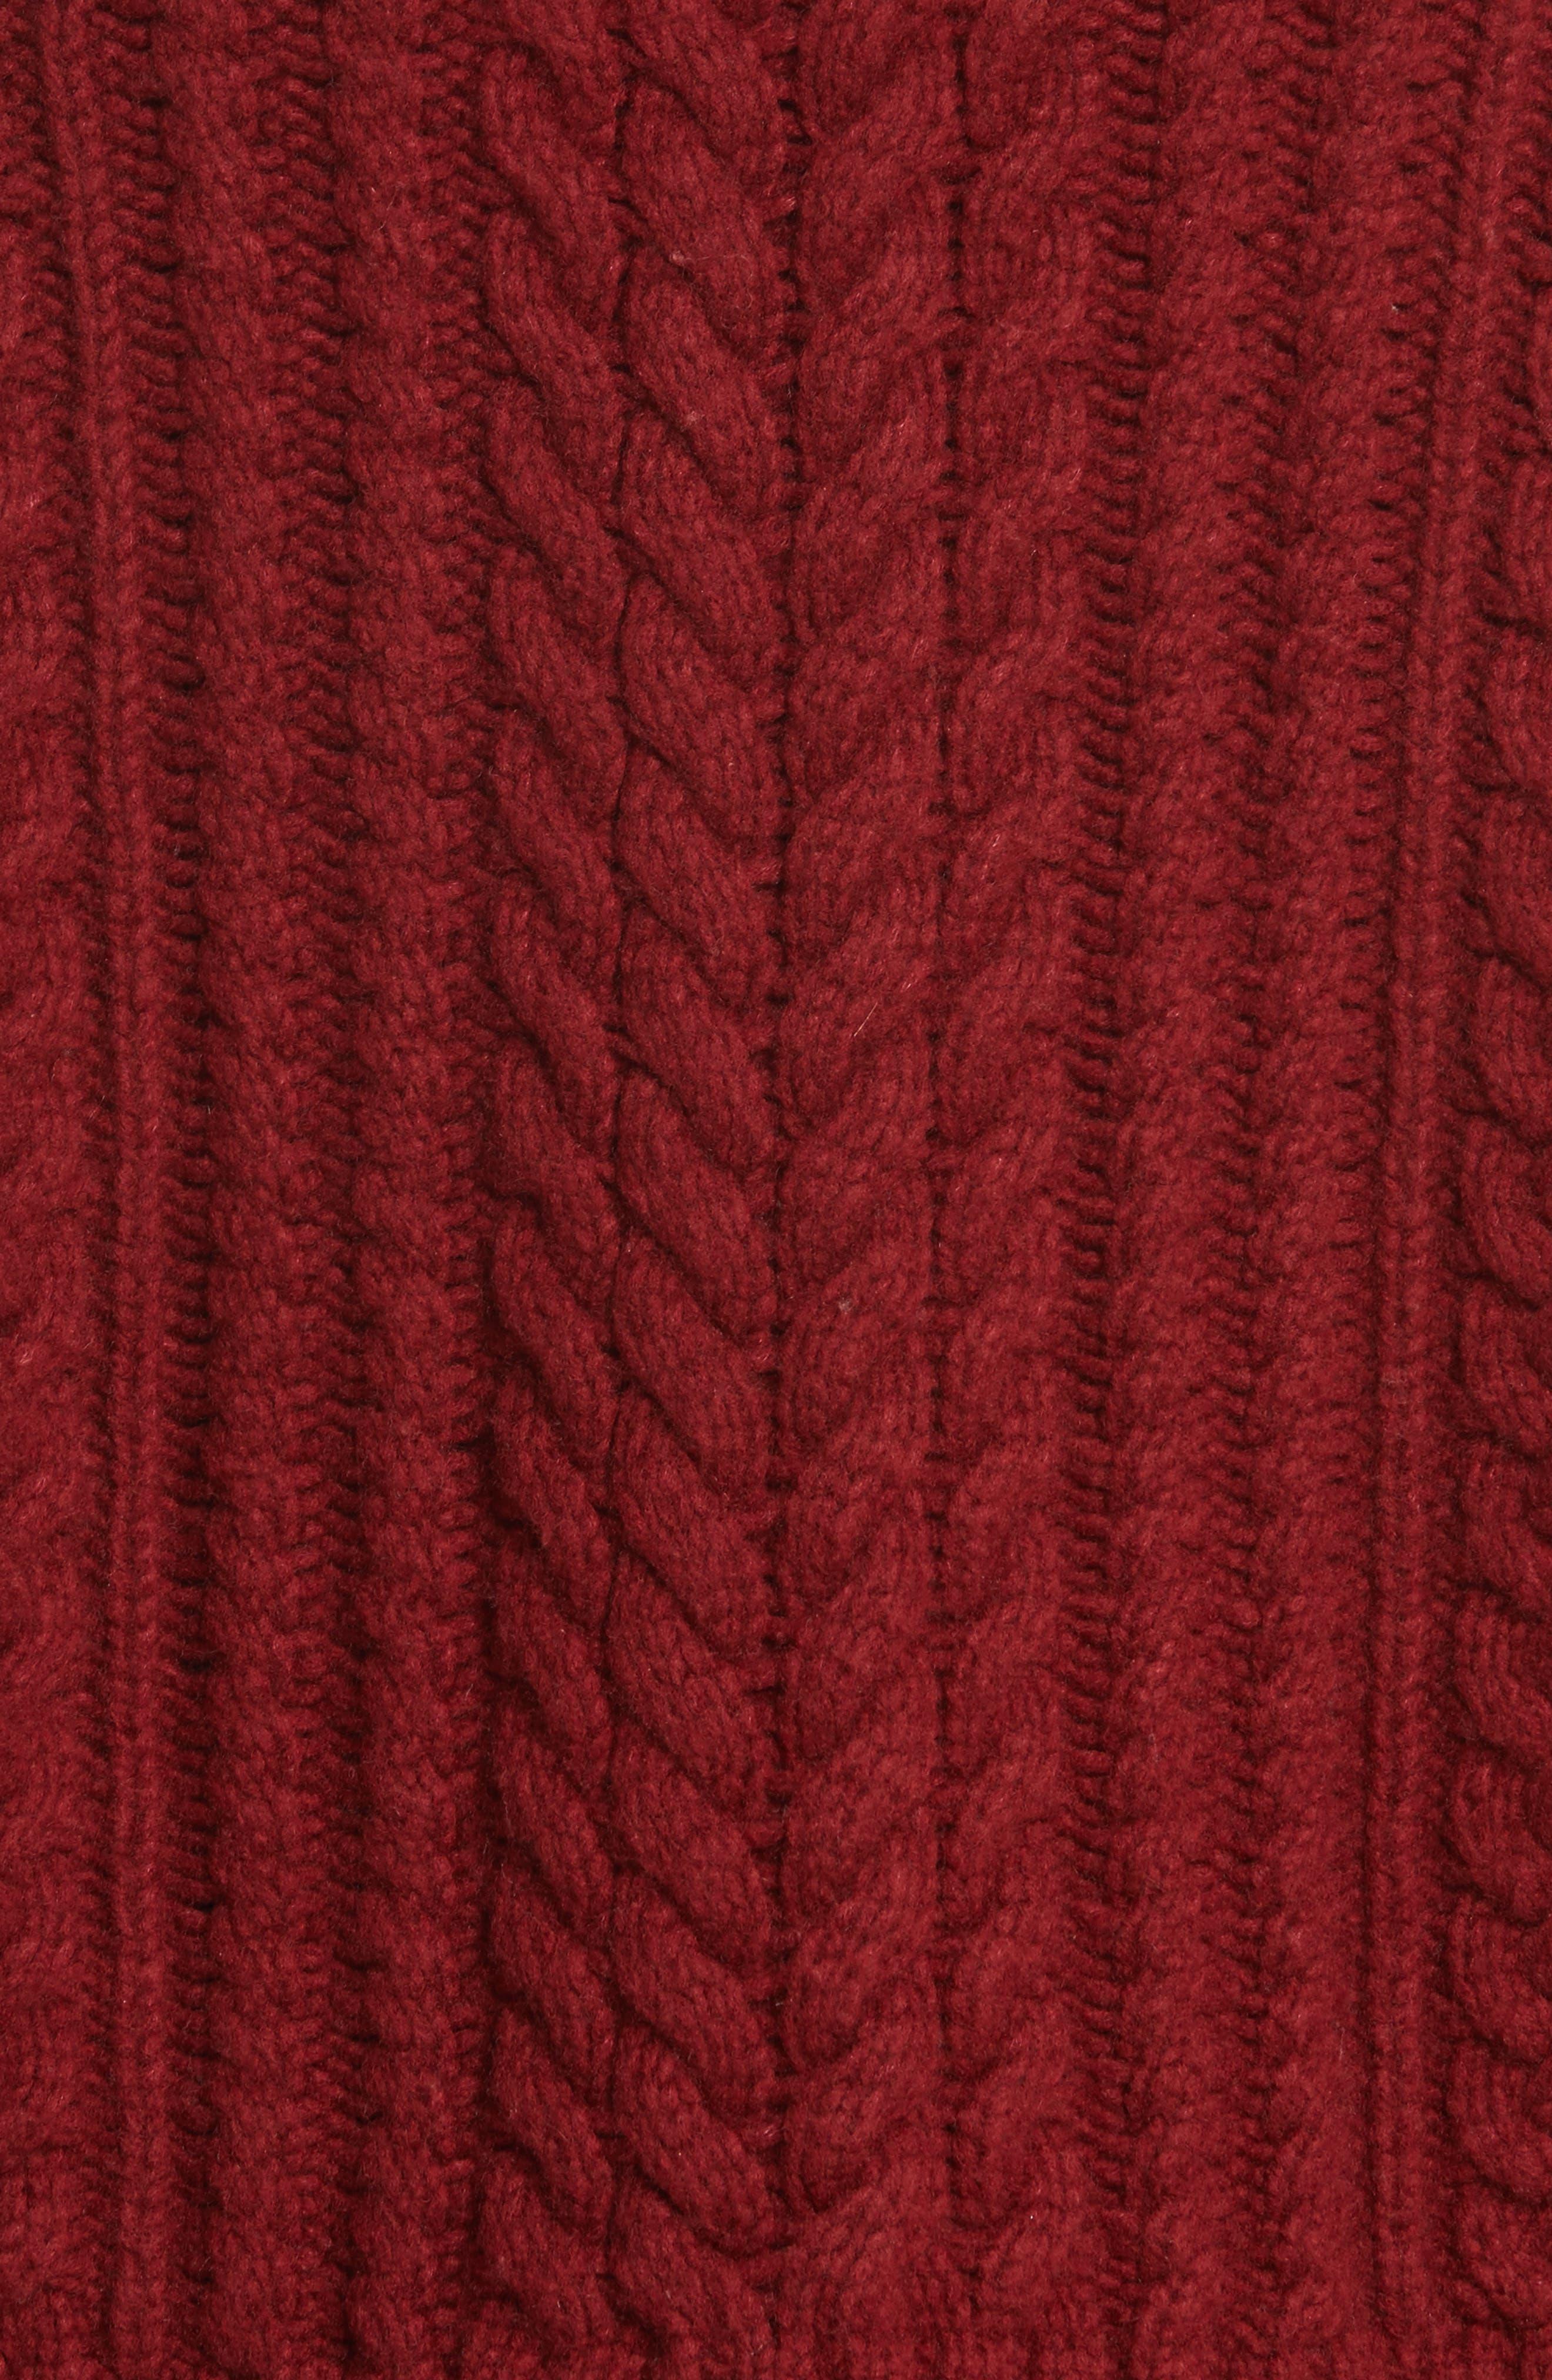 Tobin Cable Knit Crop Turtleneck Sweater,                             Alternate thumbnail 5, color,                             Bordeaux